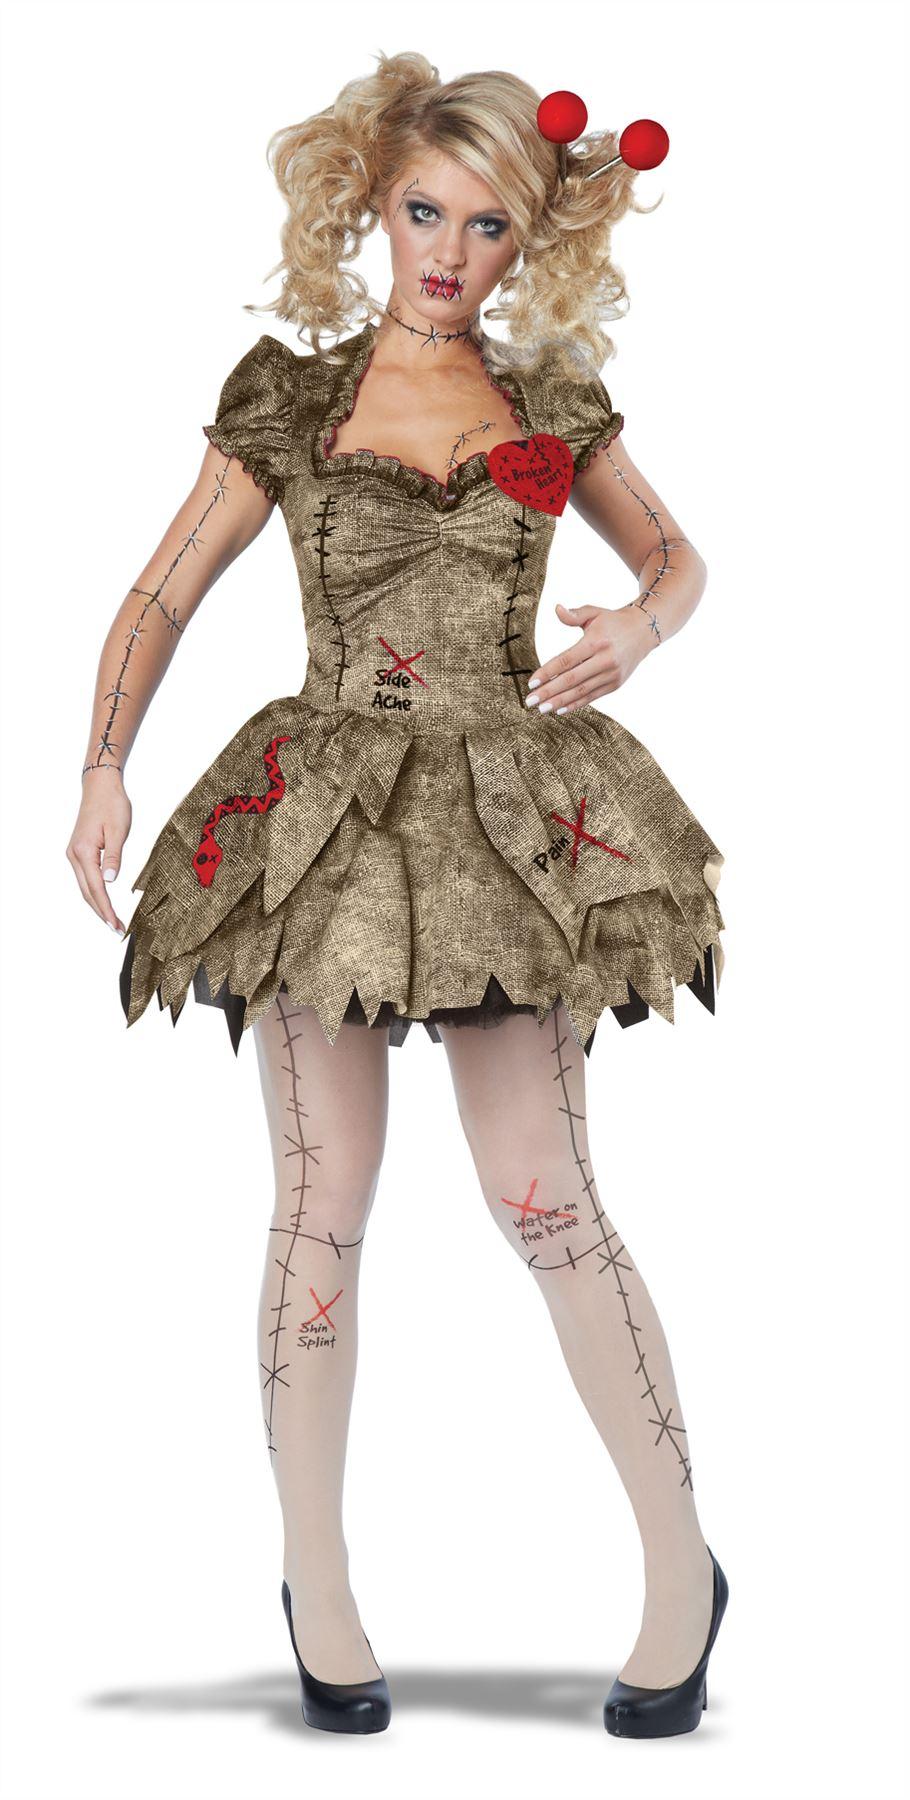 Zombie Kostüme Damen Schön Voodoo Puppe Halloween KostÜm Zombie Costume Erwachsene